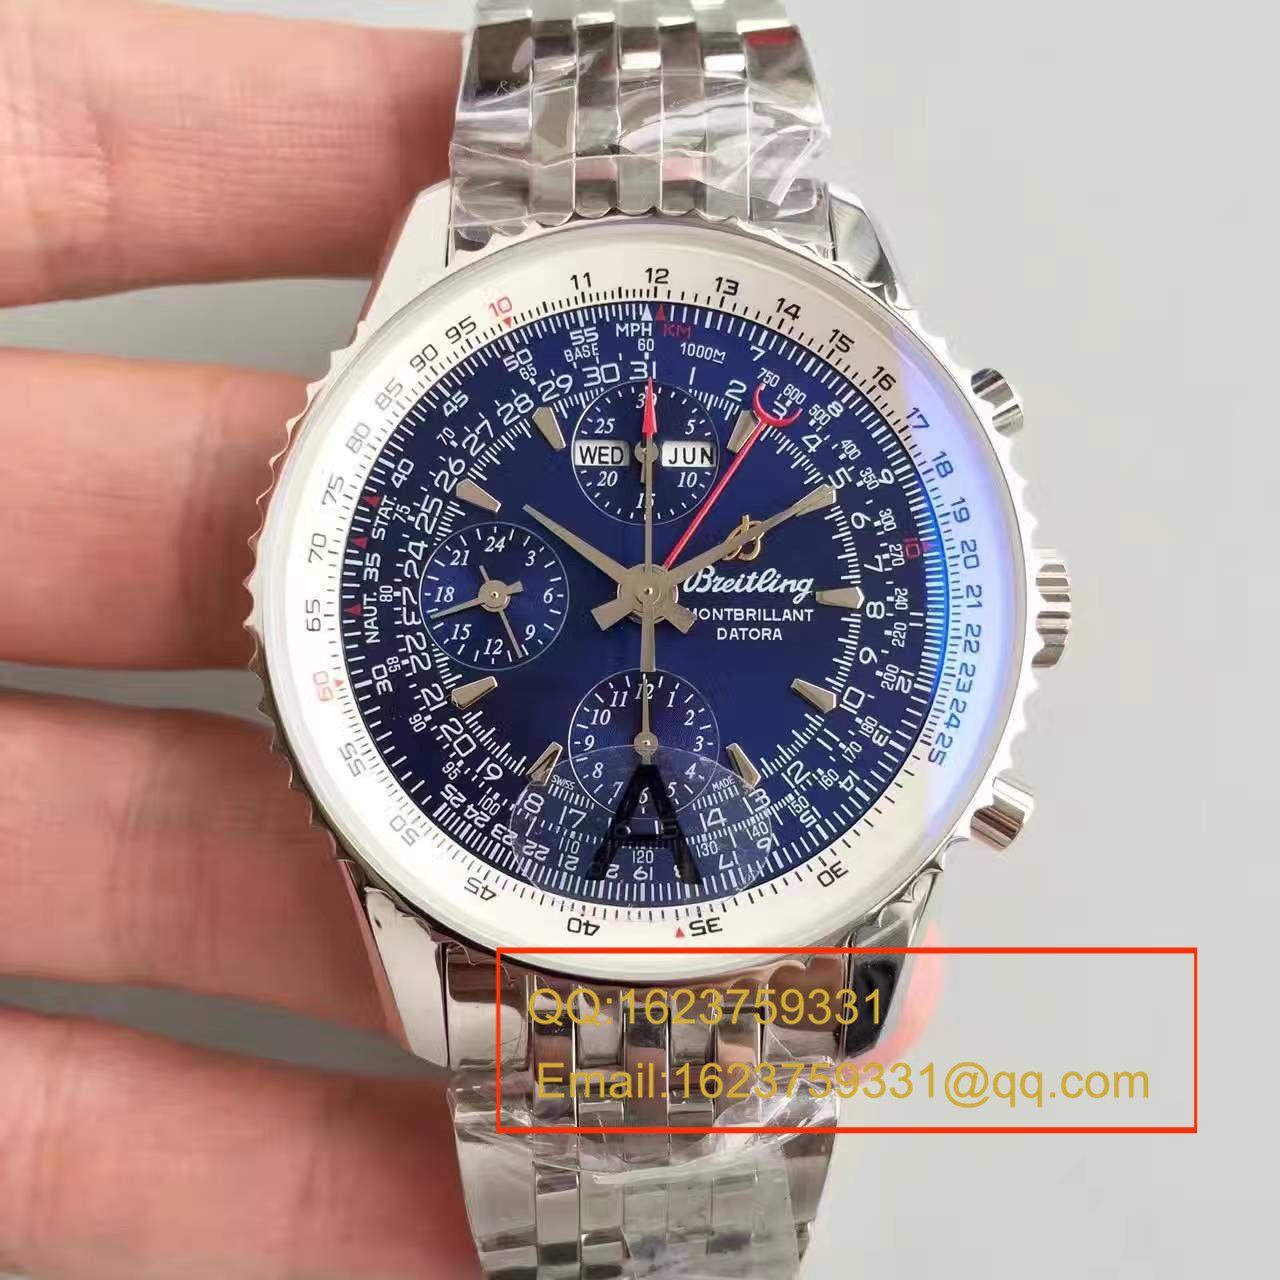 【JF1:1超A精仿手表】百年灵蒙柏朗计时系列A2133012-B571蓝盘腕表 / BL042